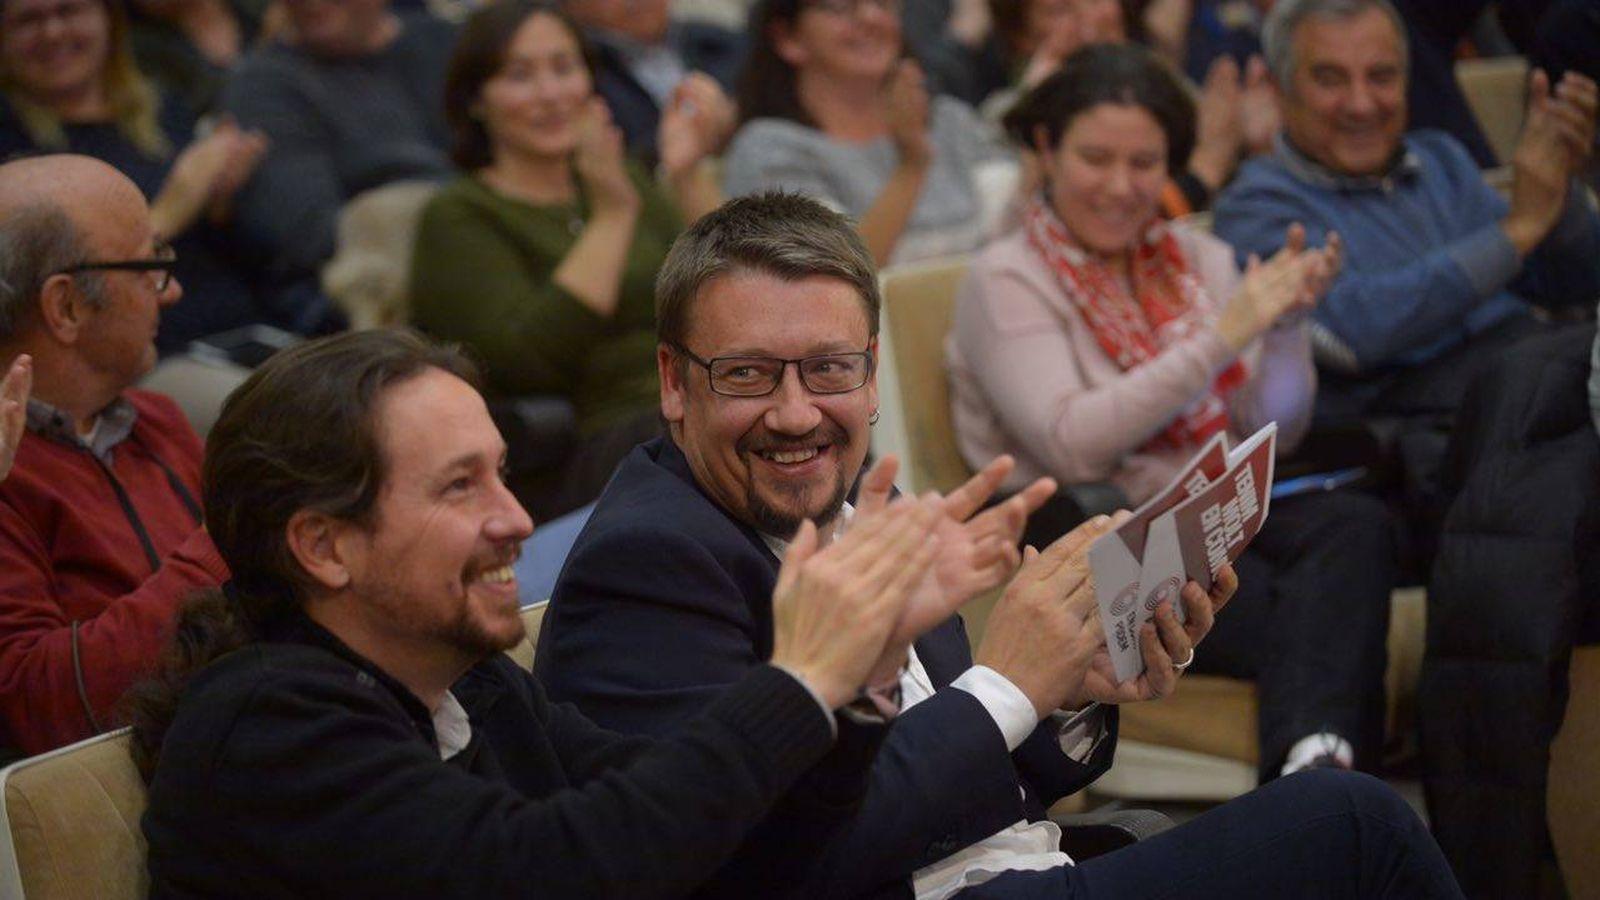 Foto: Pablo Iglesias y Xavier Domènech durante el mitin de Catalunya en Comú-Podem que compartieron este lunes en Tarragona. (Dani Gago)